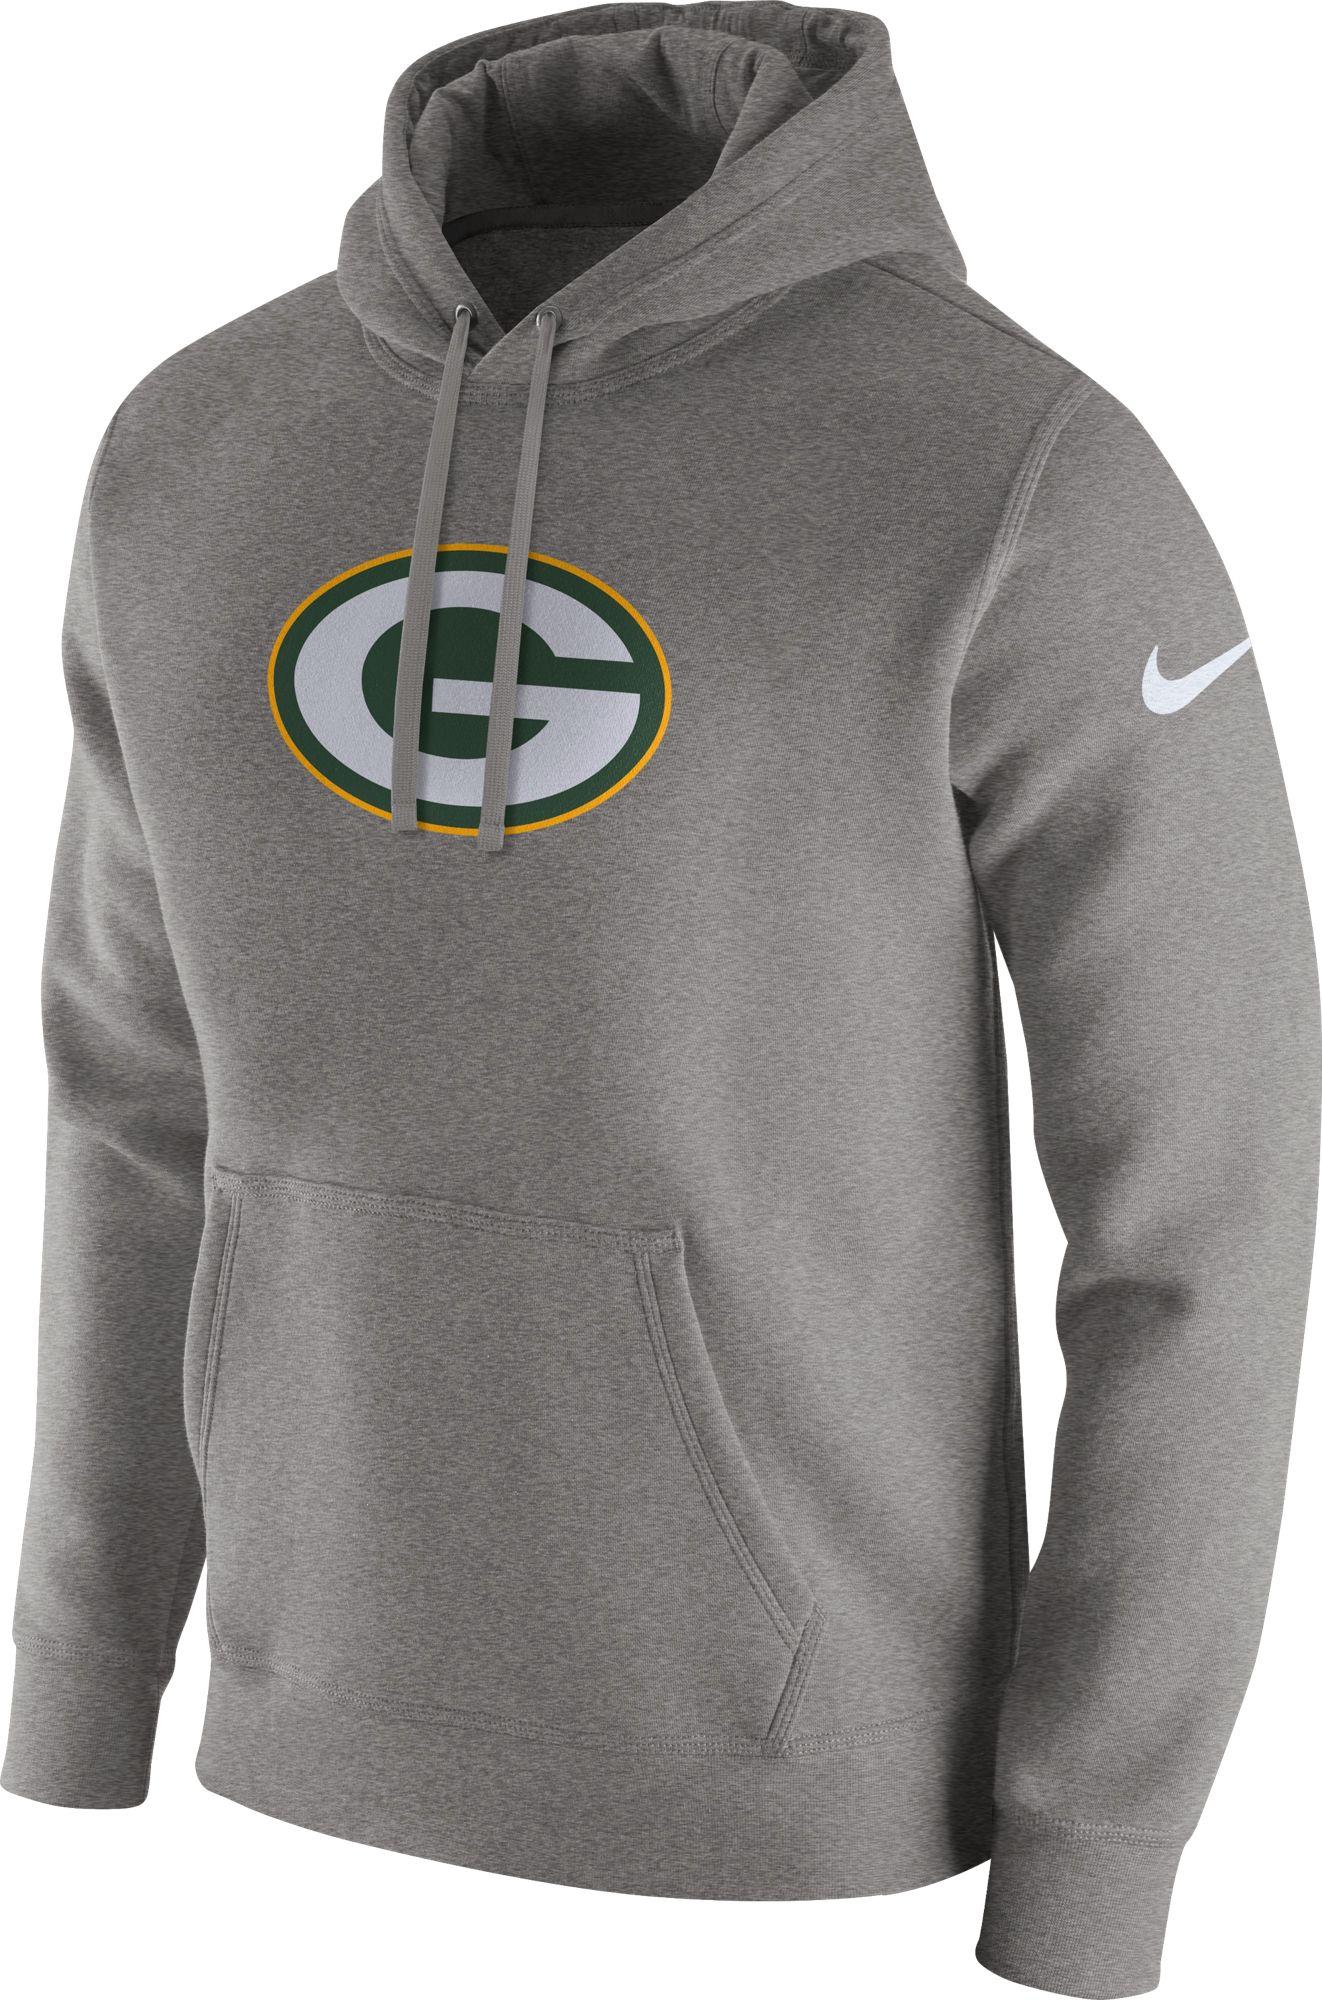 packers sweatshirt men's